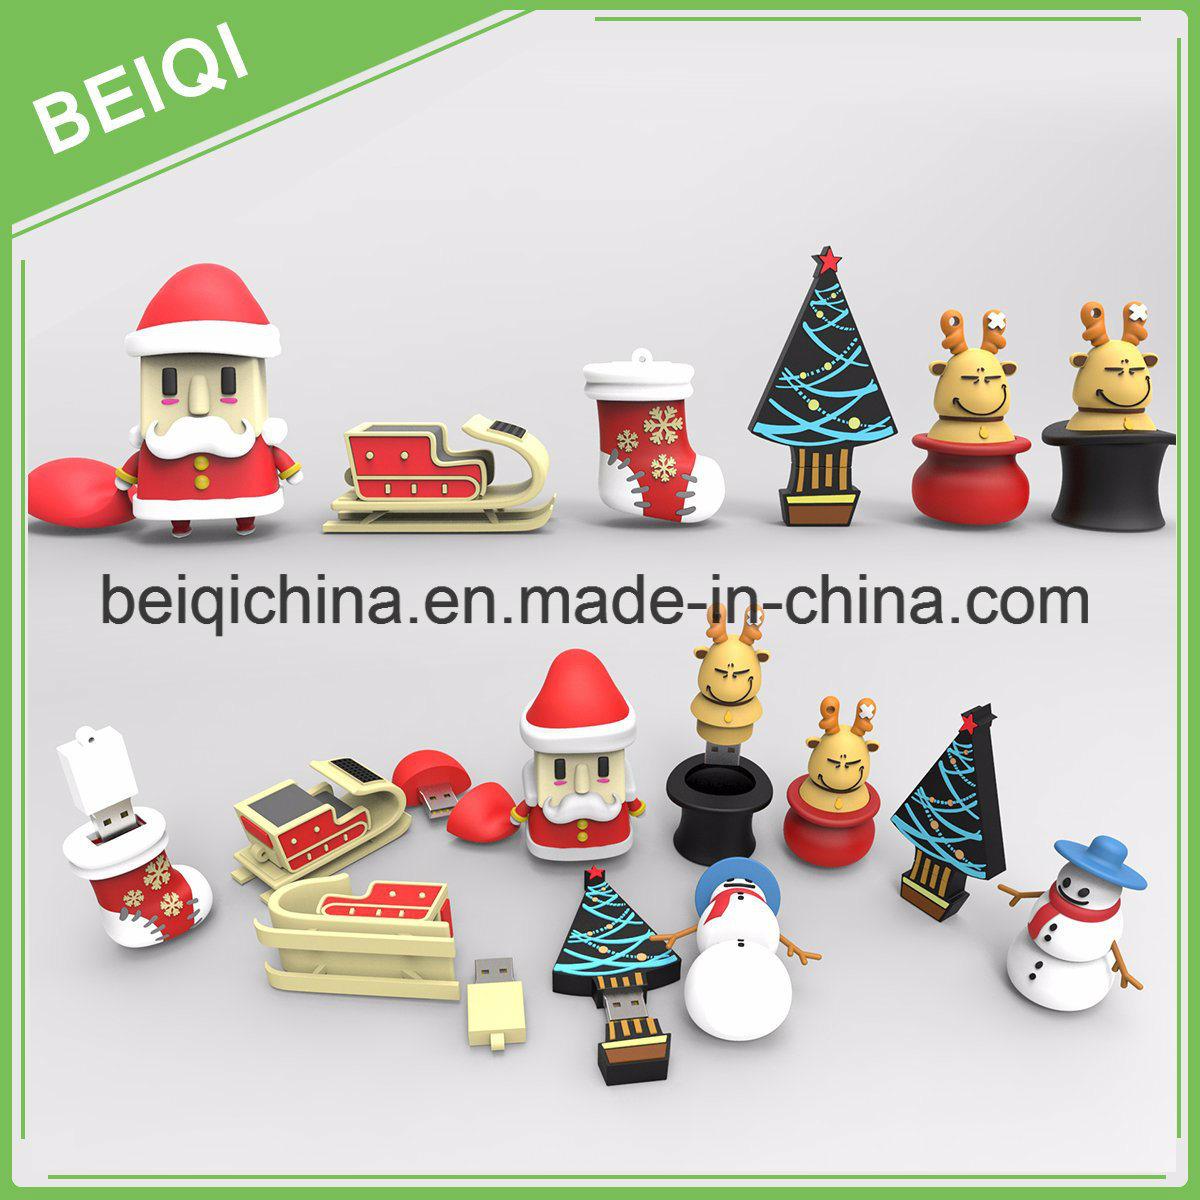 Custom USB Flash Drive for Christmas Gift